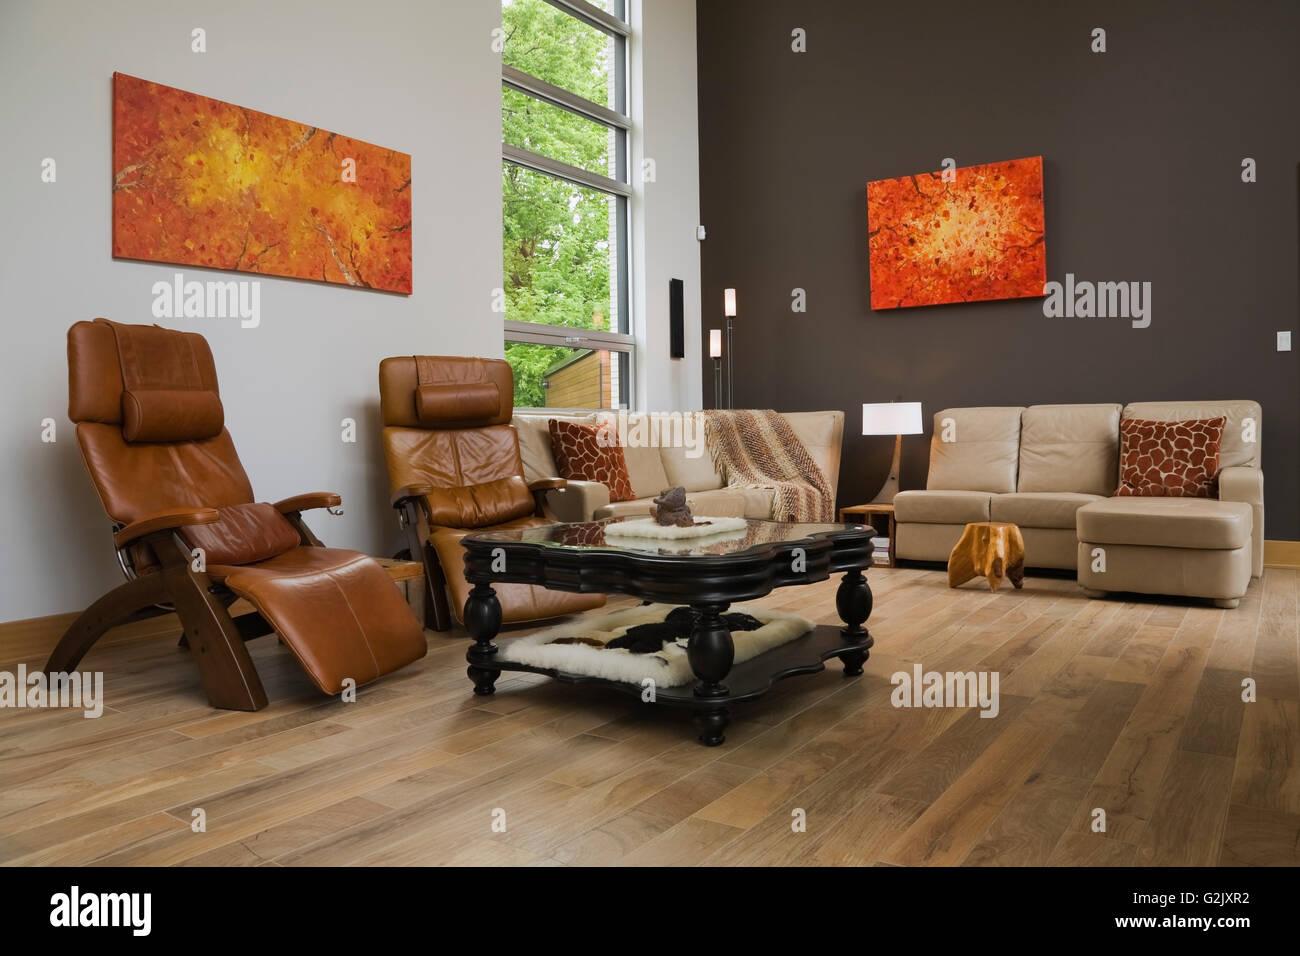 Sedie Schienale Alto Legno : In pelle marrone a schienale alto sedie divani beige nero tavolo